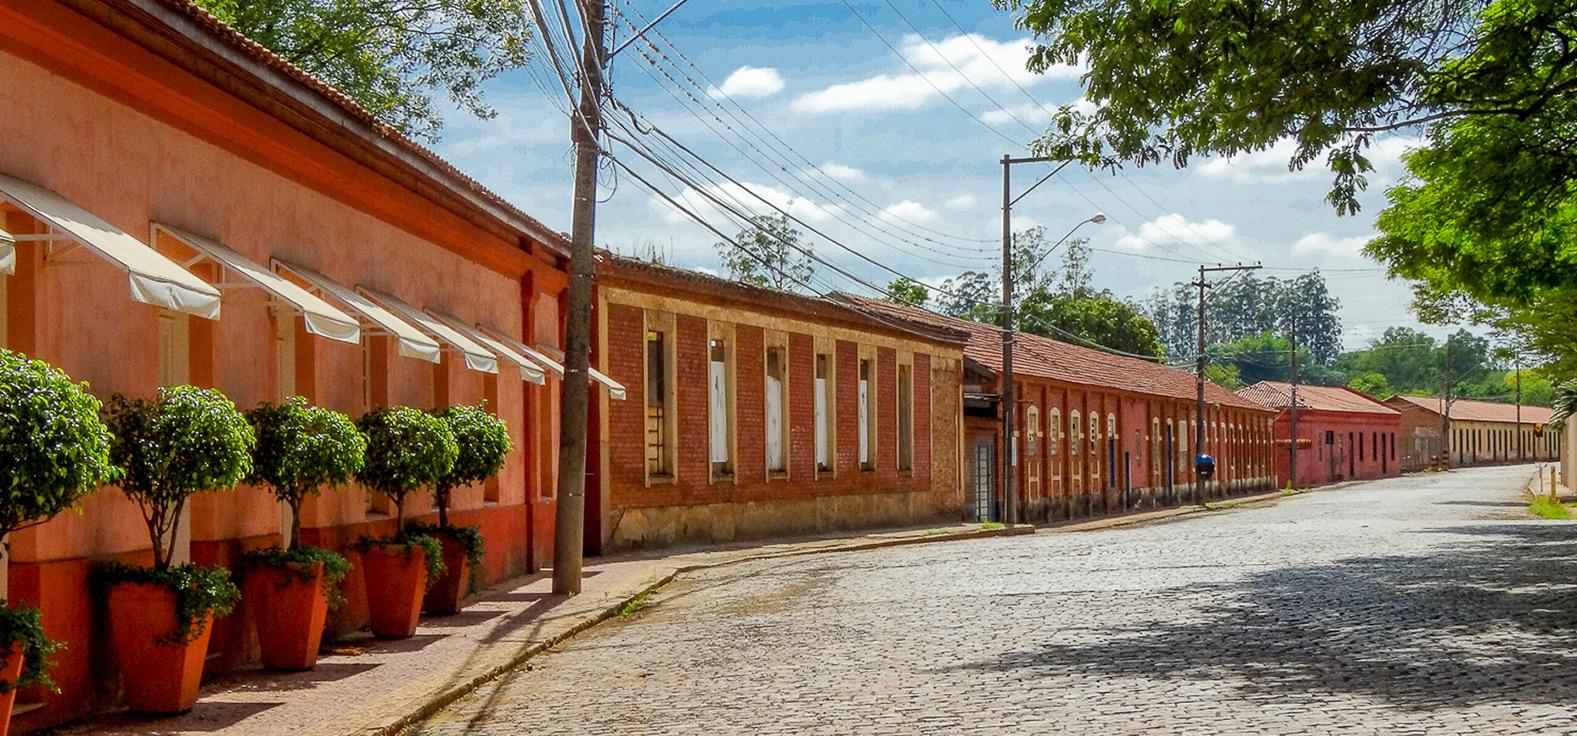 Bairro Monte Alegre em Piracicaba | Portal Serra do Itaquerí